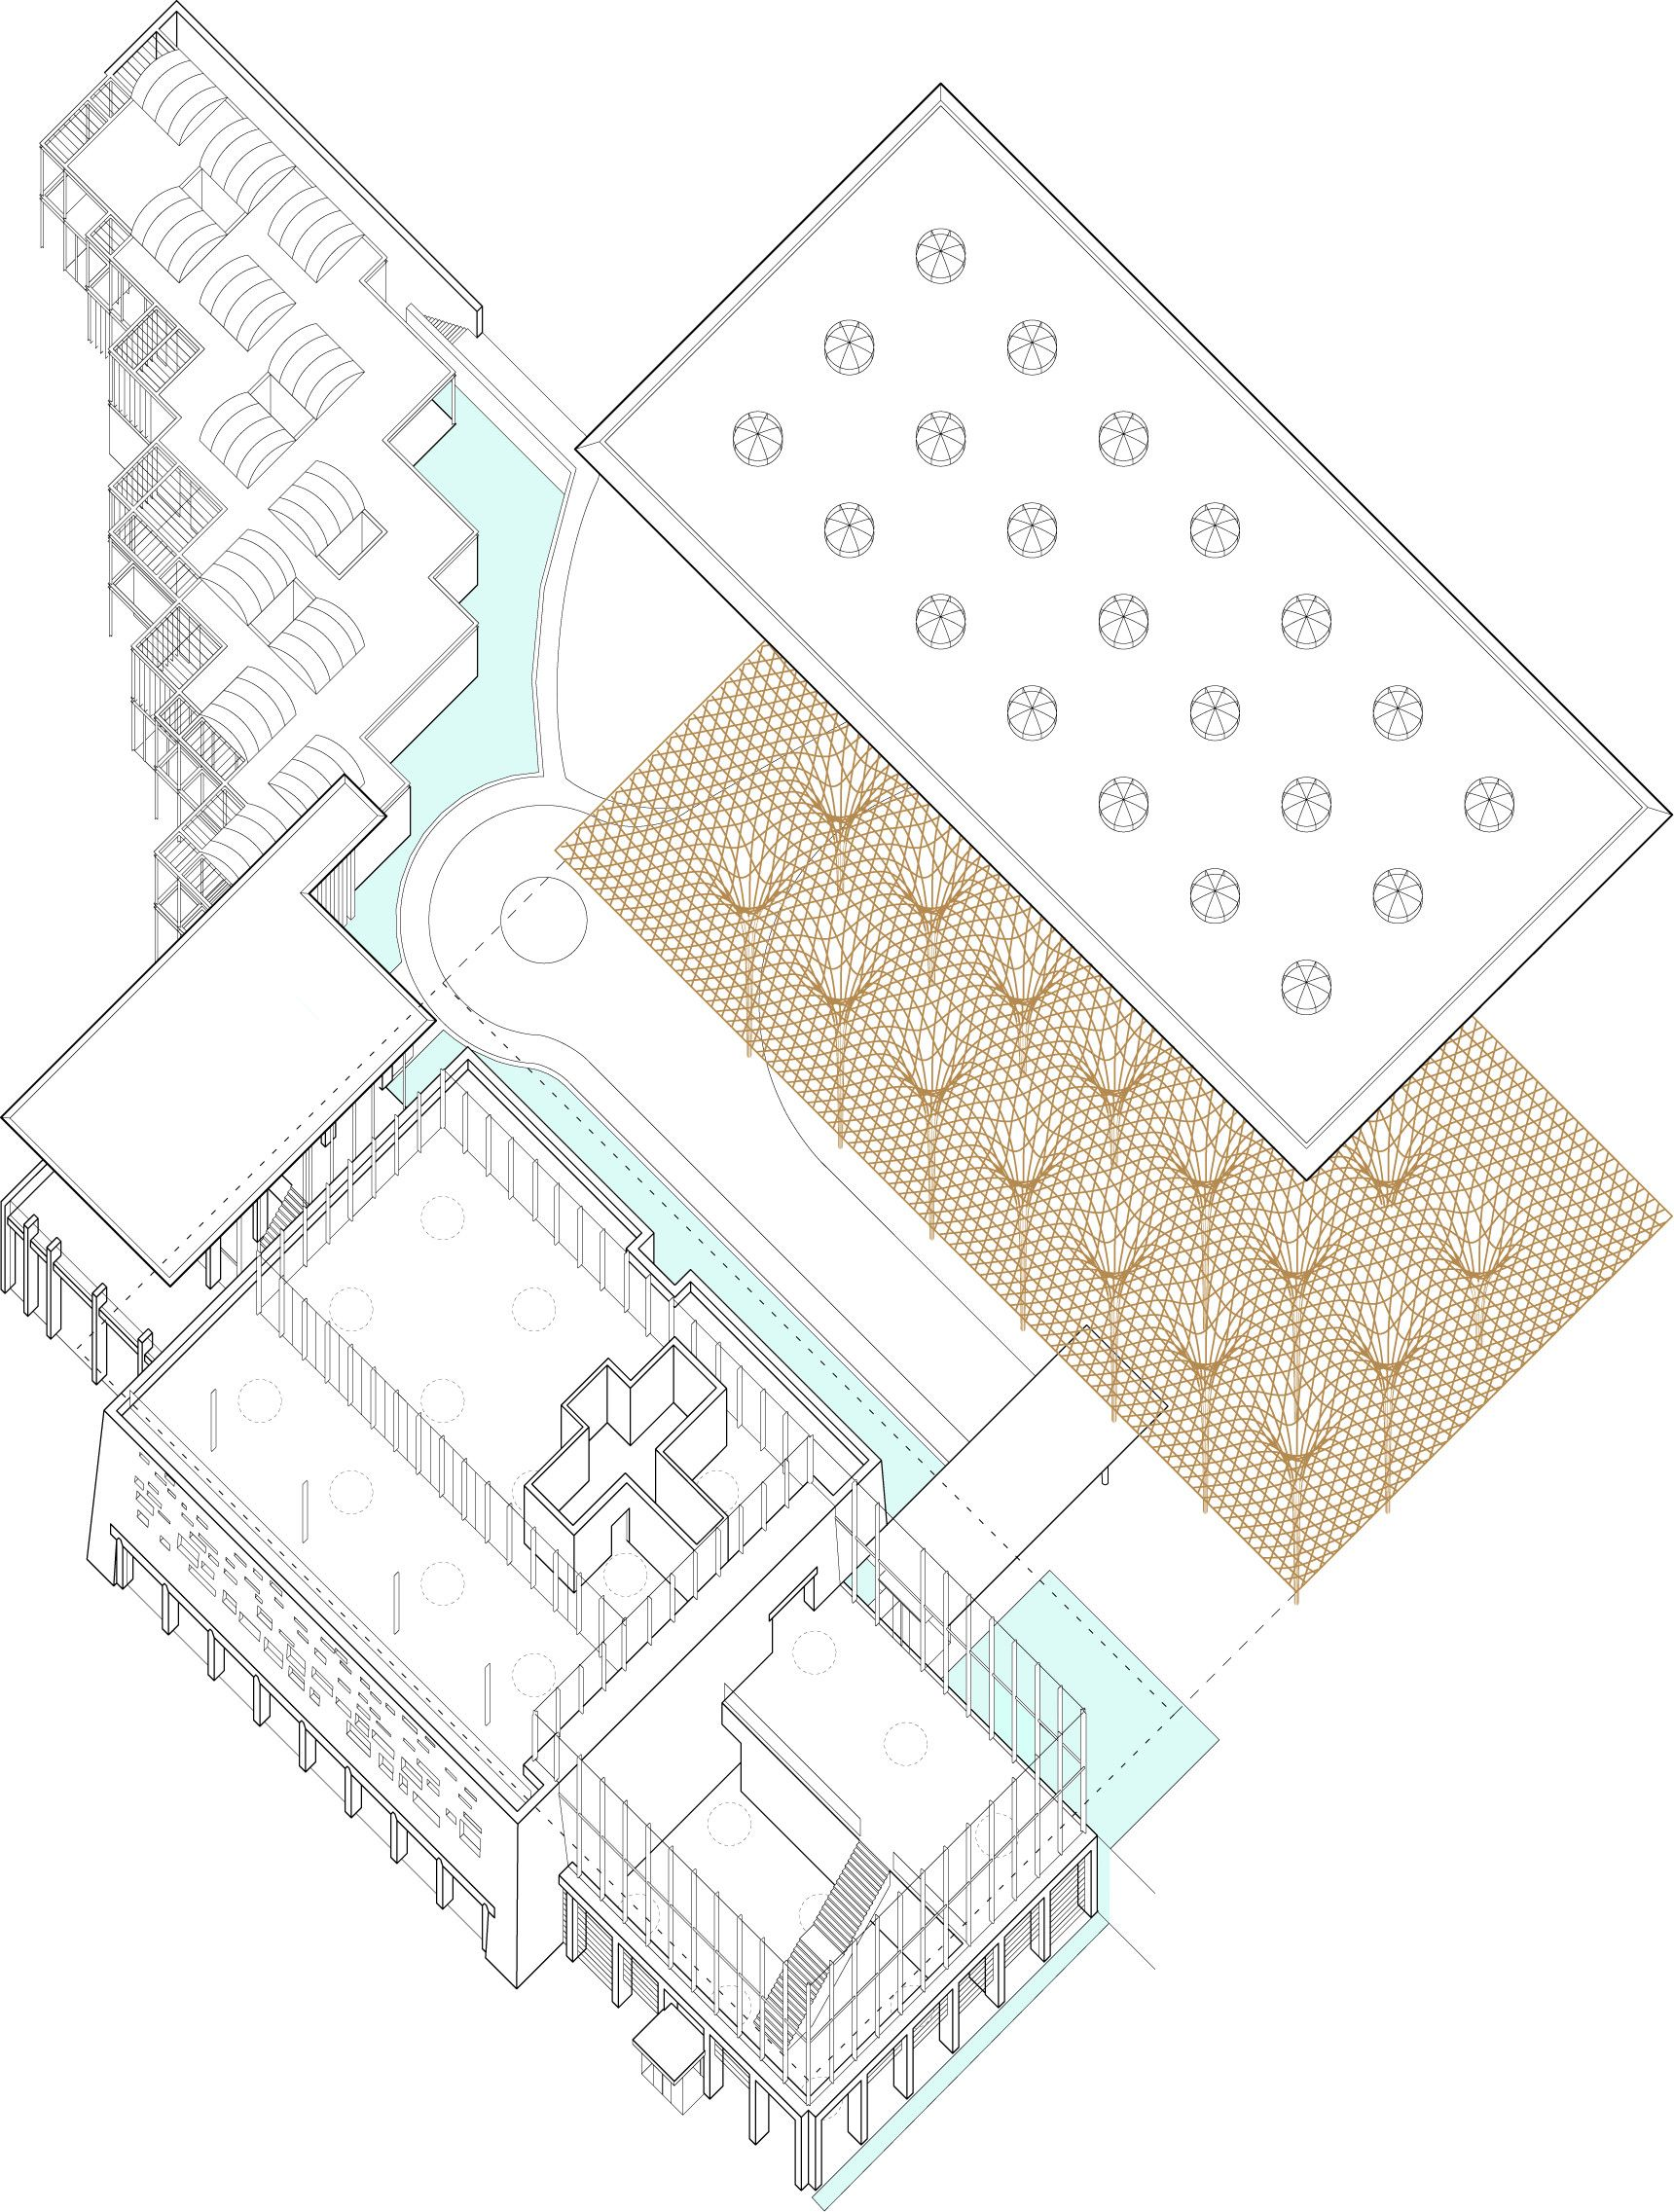 Shigeru Ban Architect